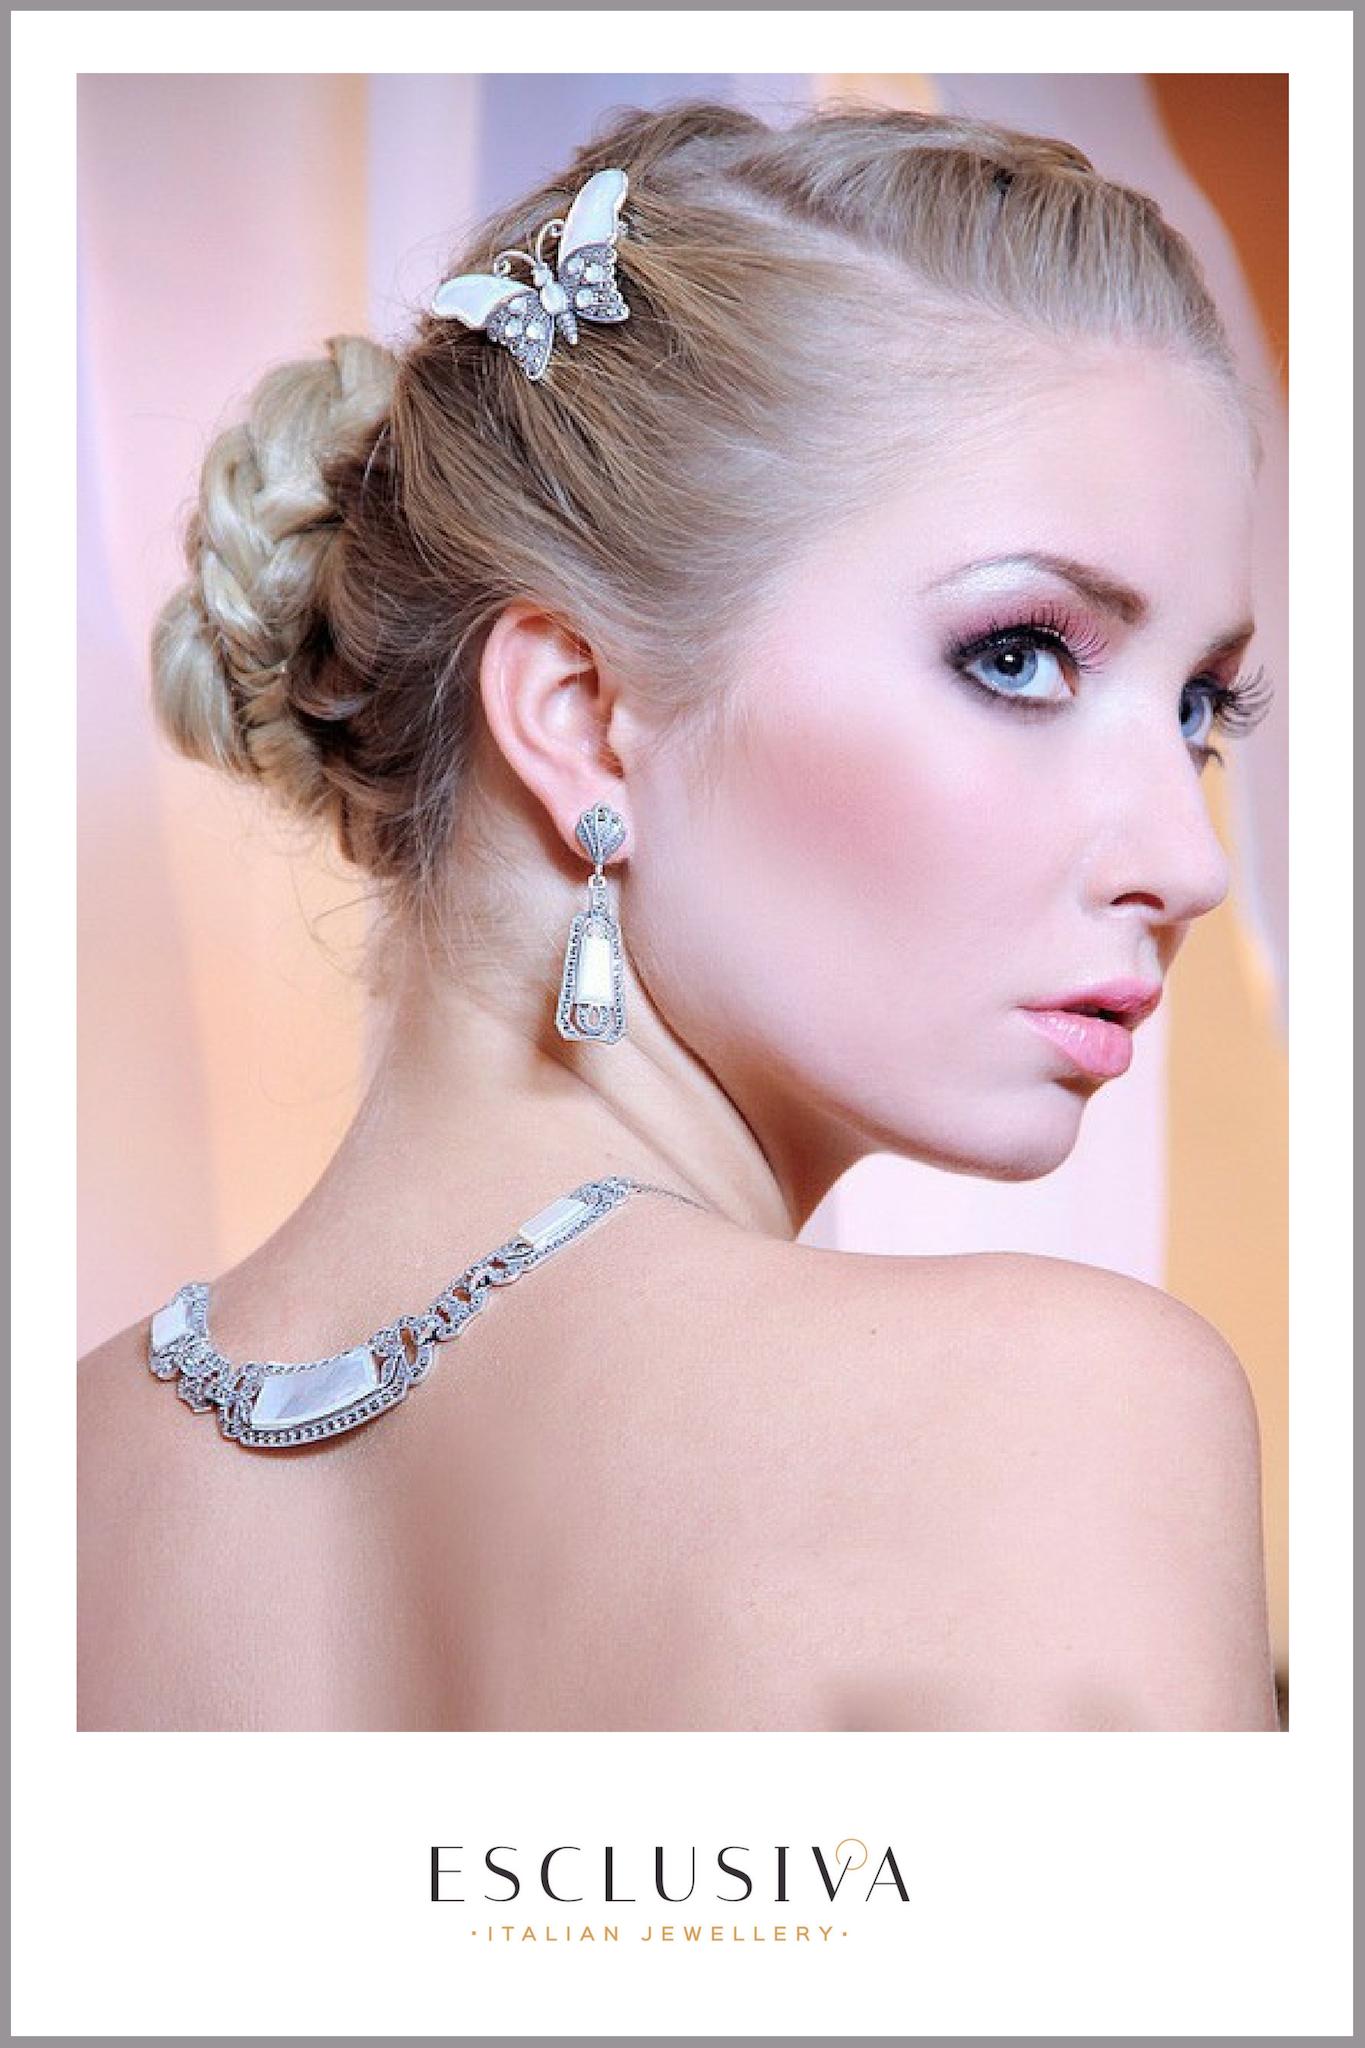 panna młoda w komplecie ze srebrną biżuterią ślubną naszyjnikim i motylem z masą perłową